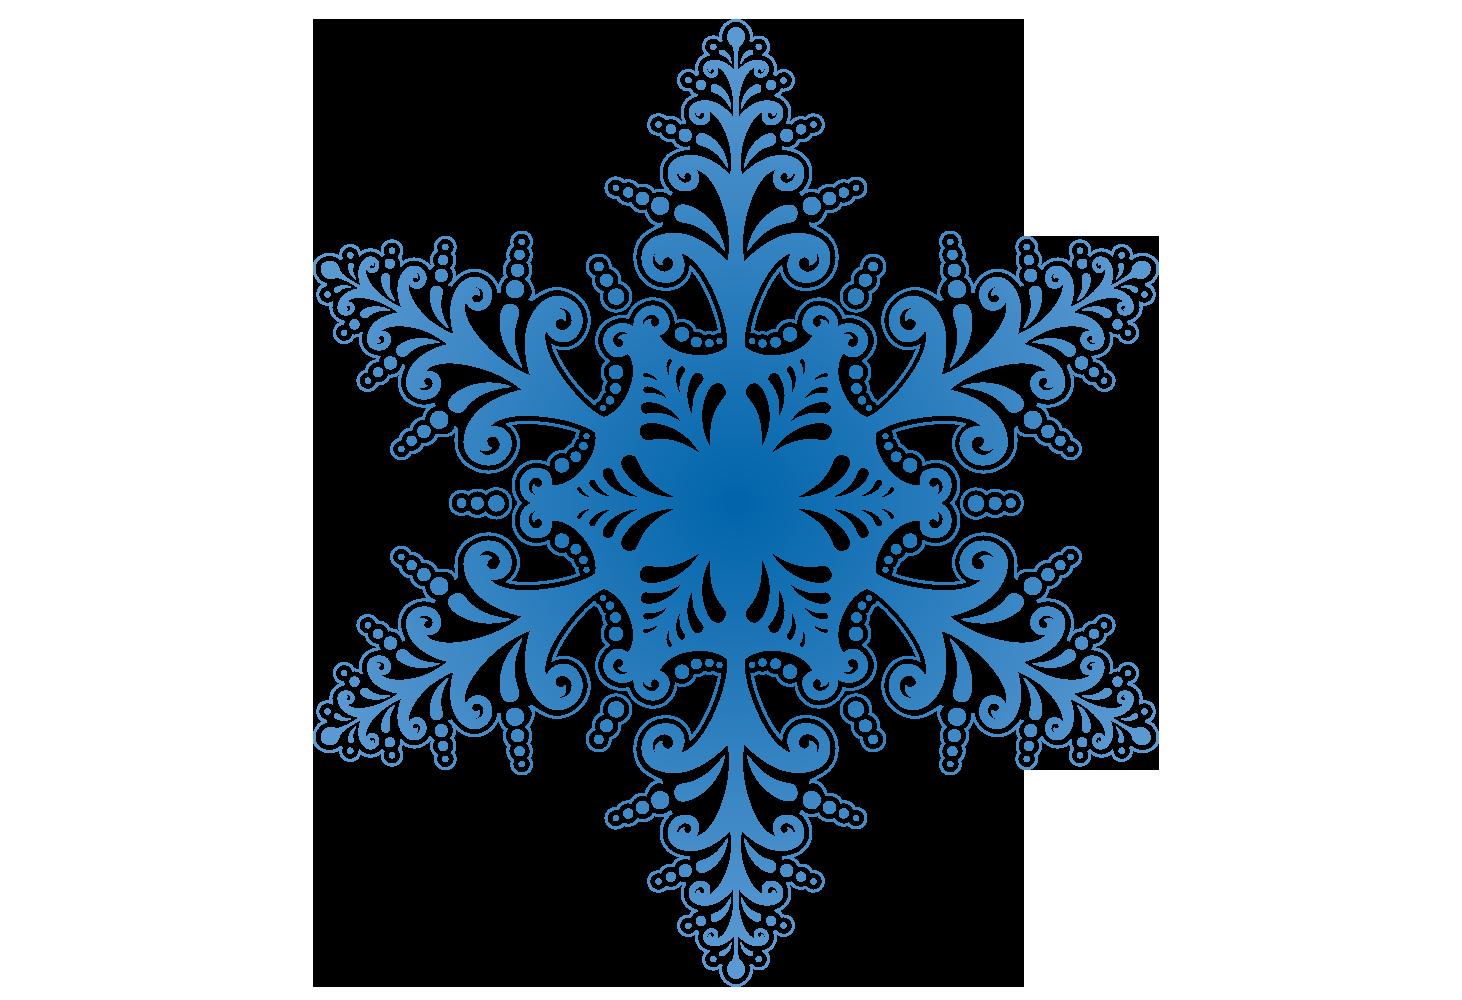 Google search j ulukaardid. Snowflake vector png